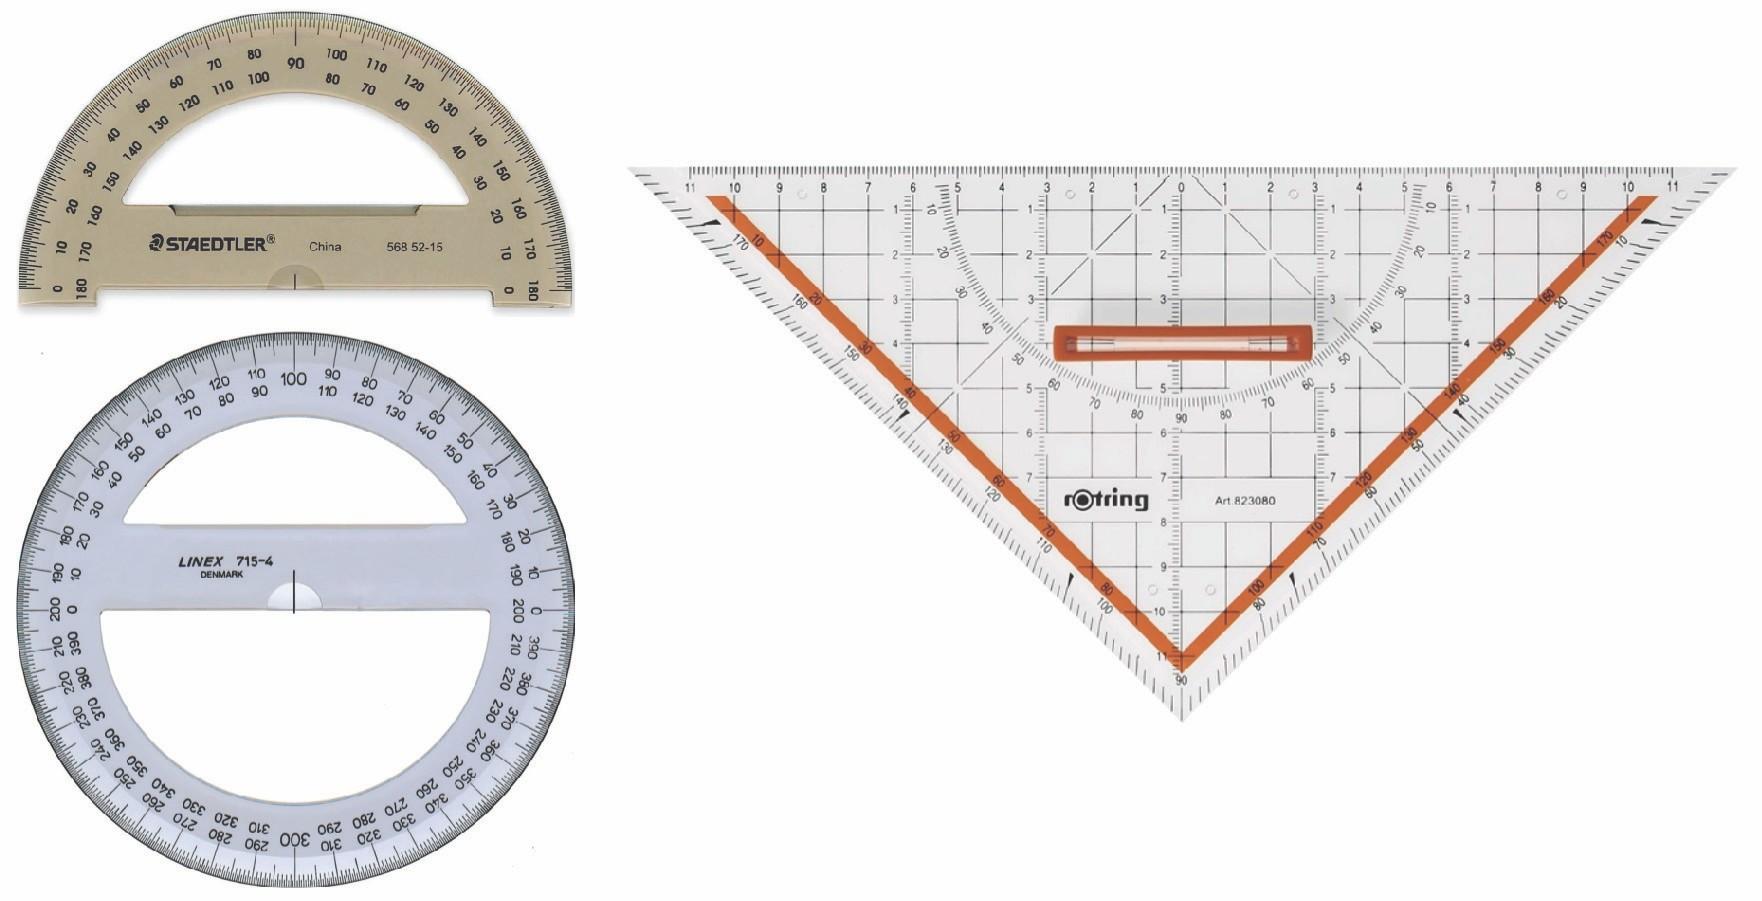 Σχήμα 3.10: Μοιρογνωμόνια και το τρίγωνο GEO.